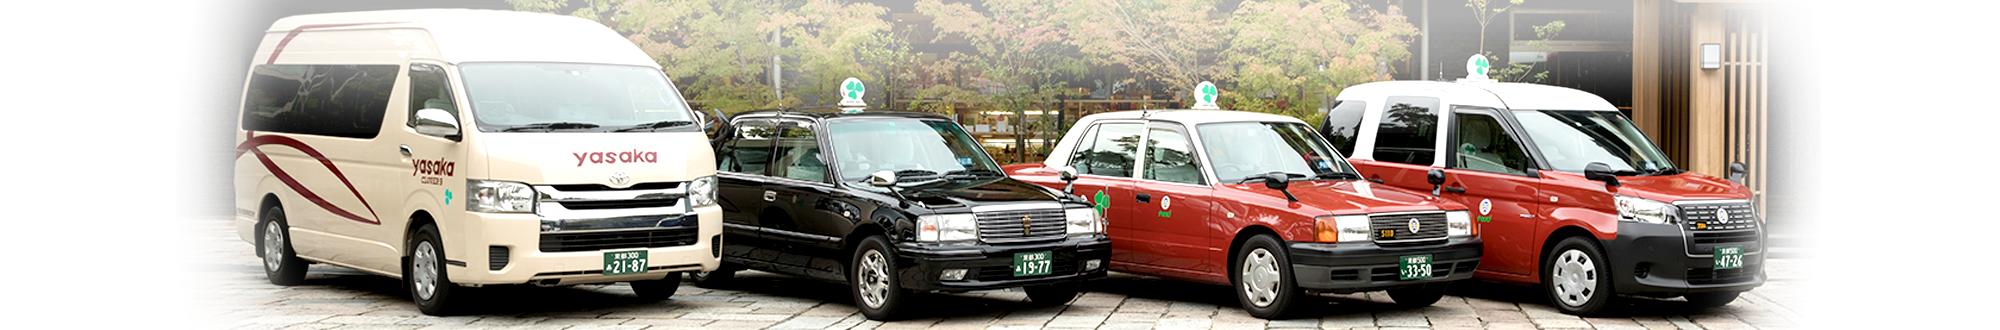 会社を知る | ヤサカタクシー(彌榮自動車株式会社)採用 ...